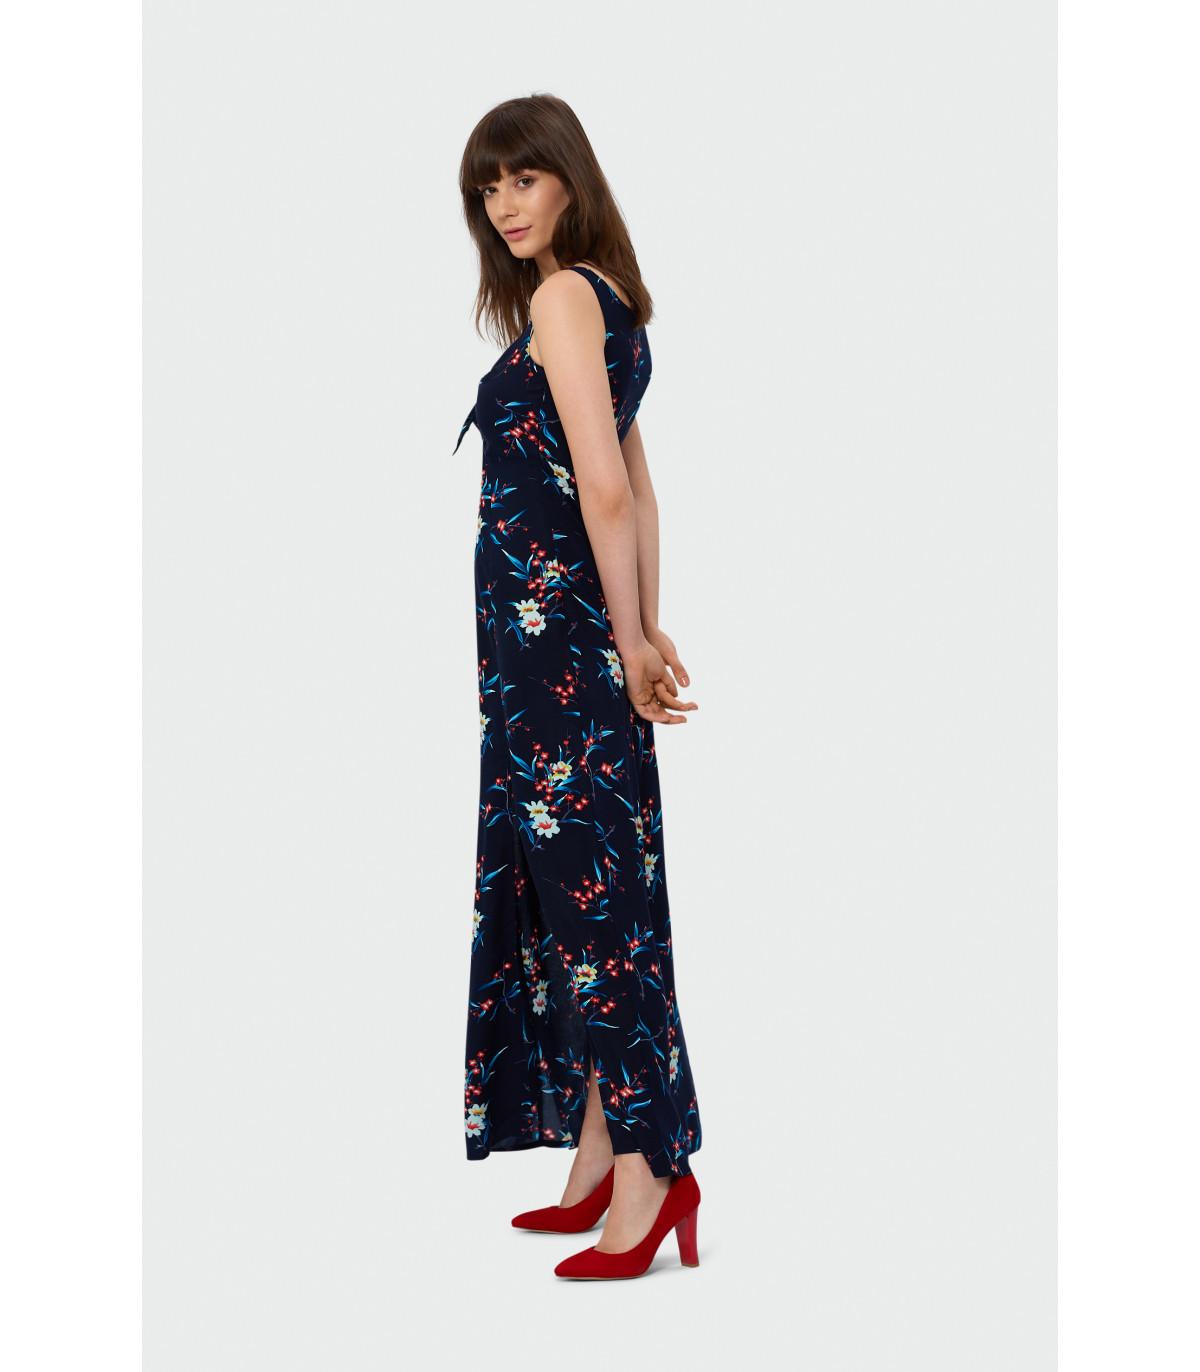 3858983257 Długa sukienka z wiązaniem przy dekolcie Rozmiar 40 Kolor S19FLW50